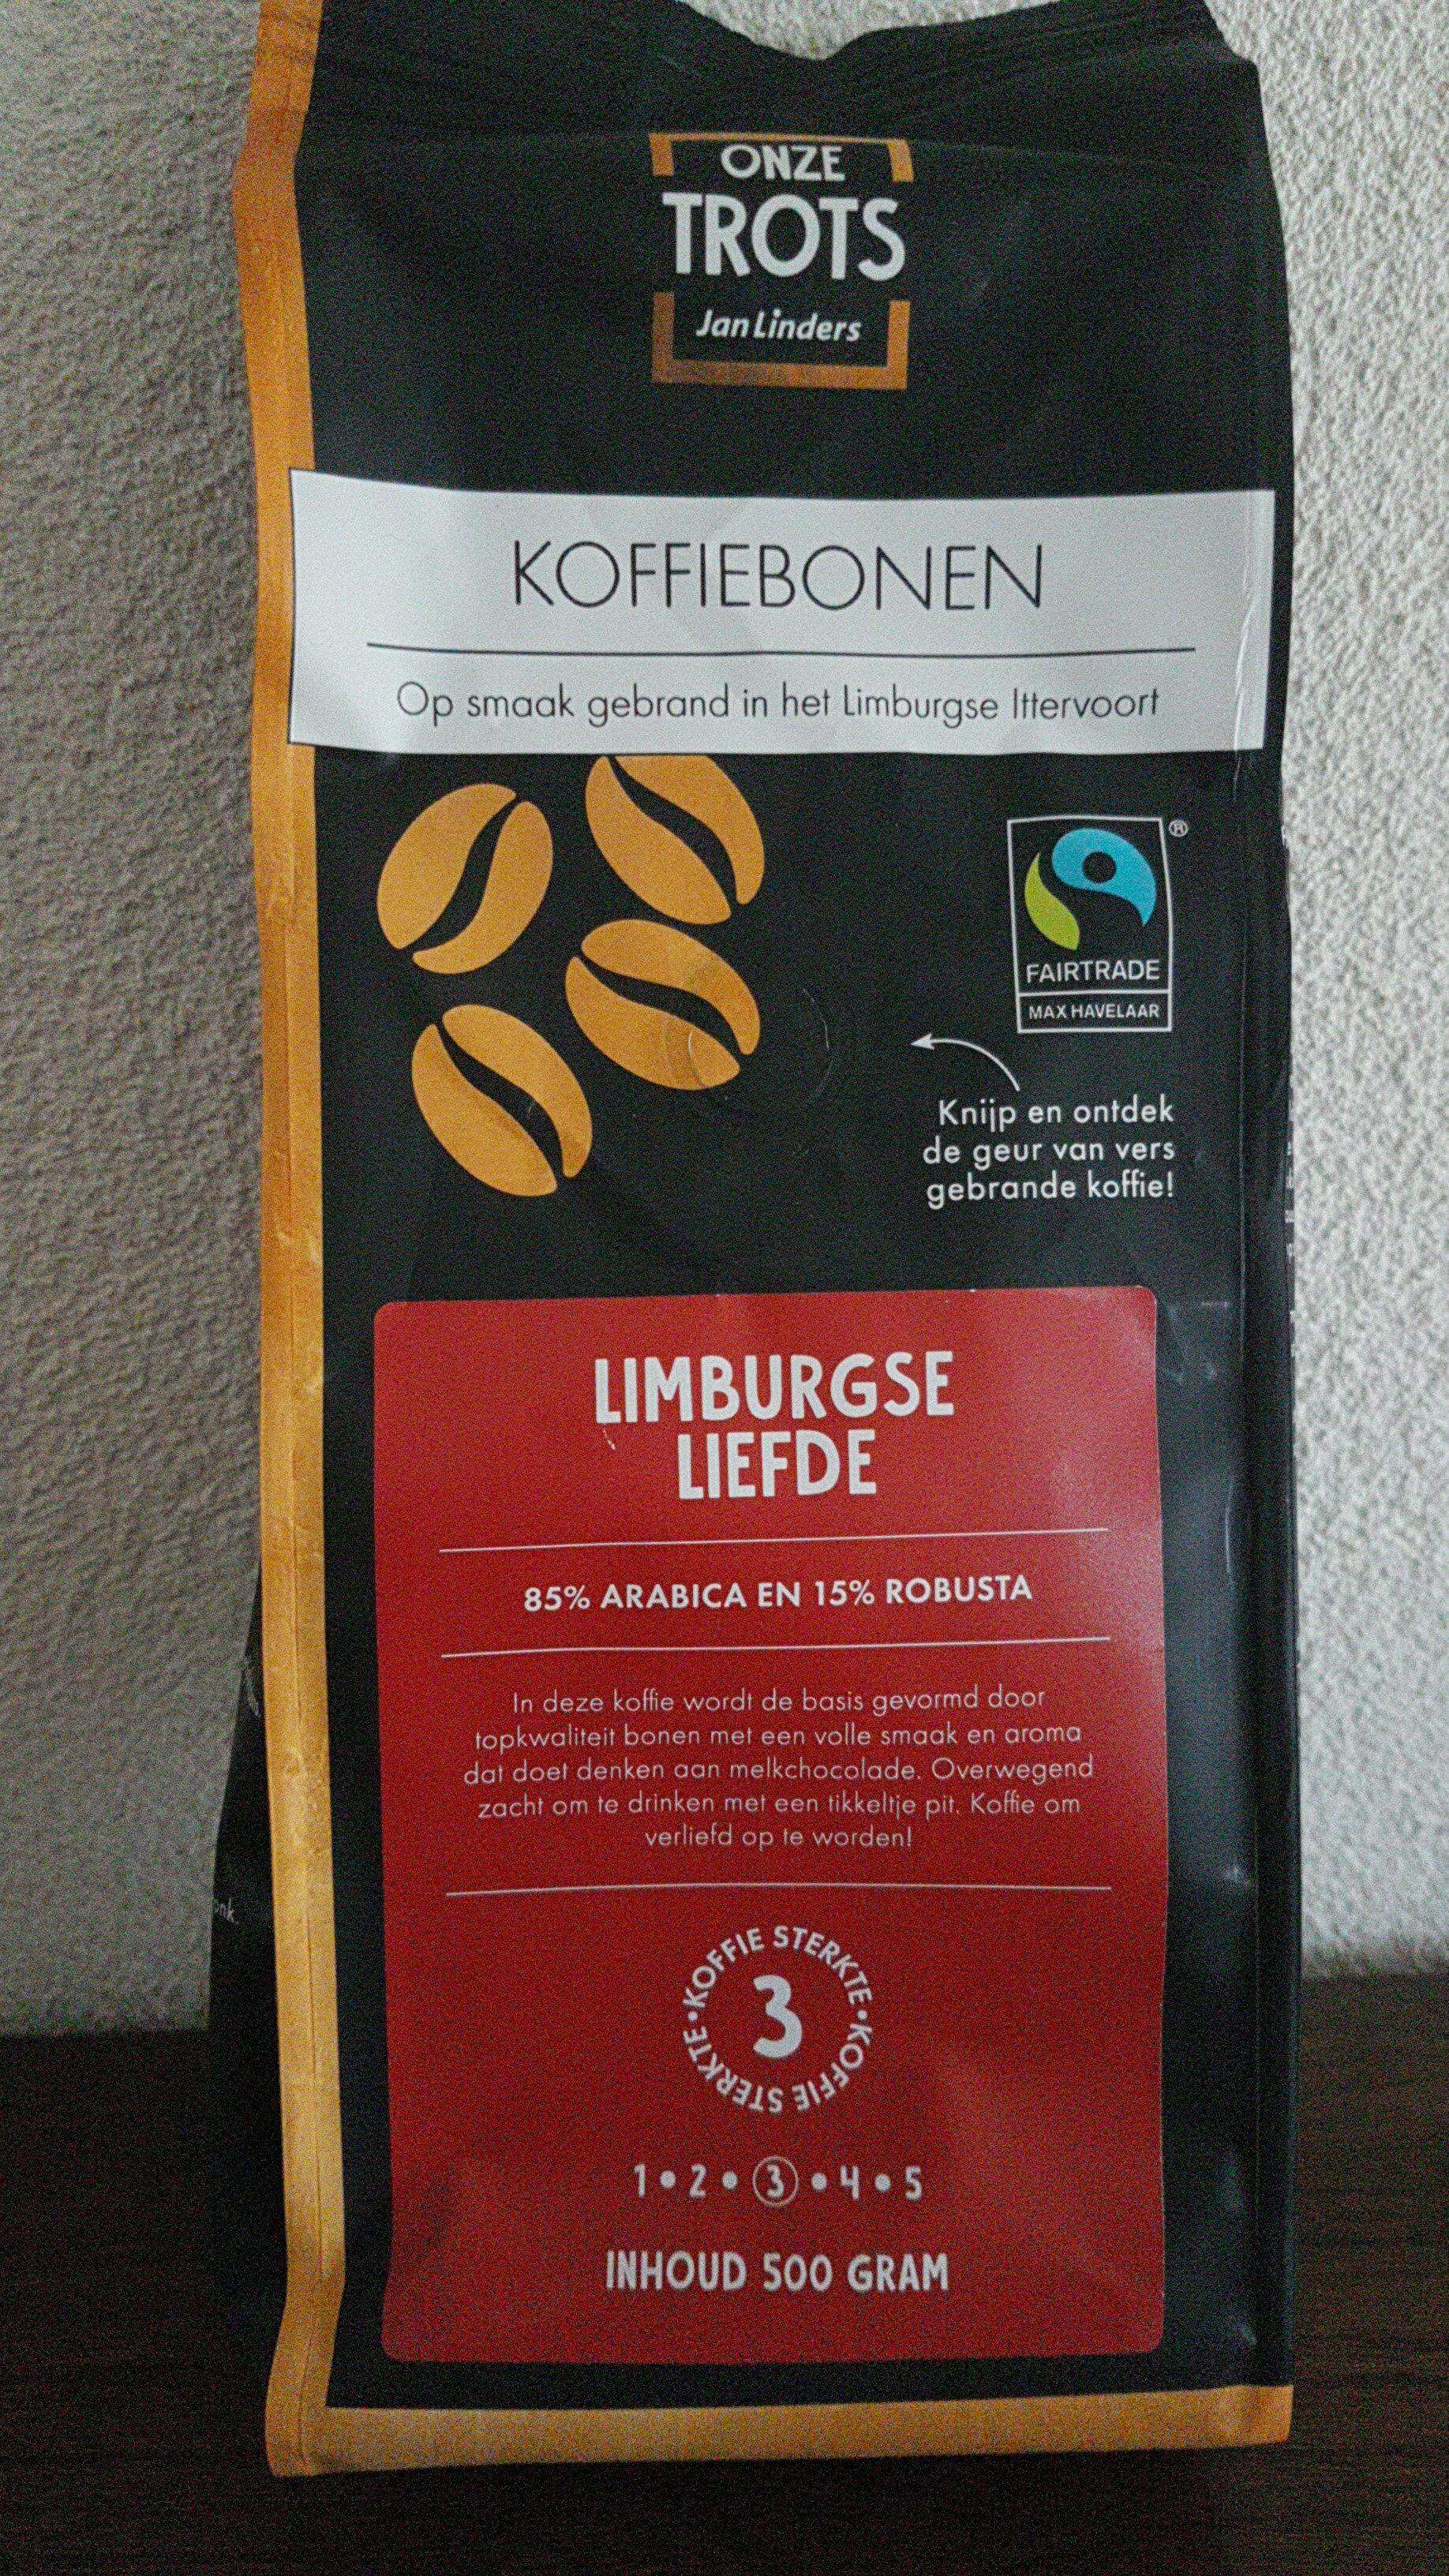 Koffiebonen Limburgse Liefde - Product